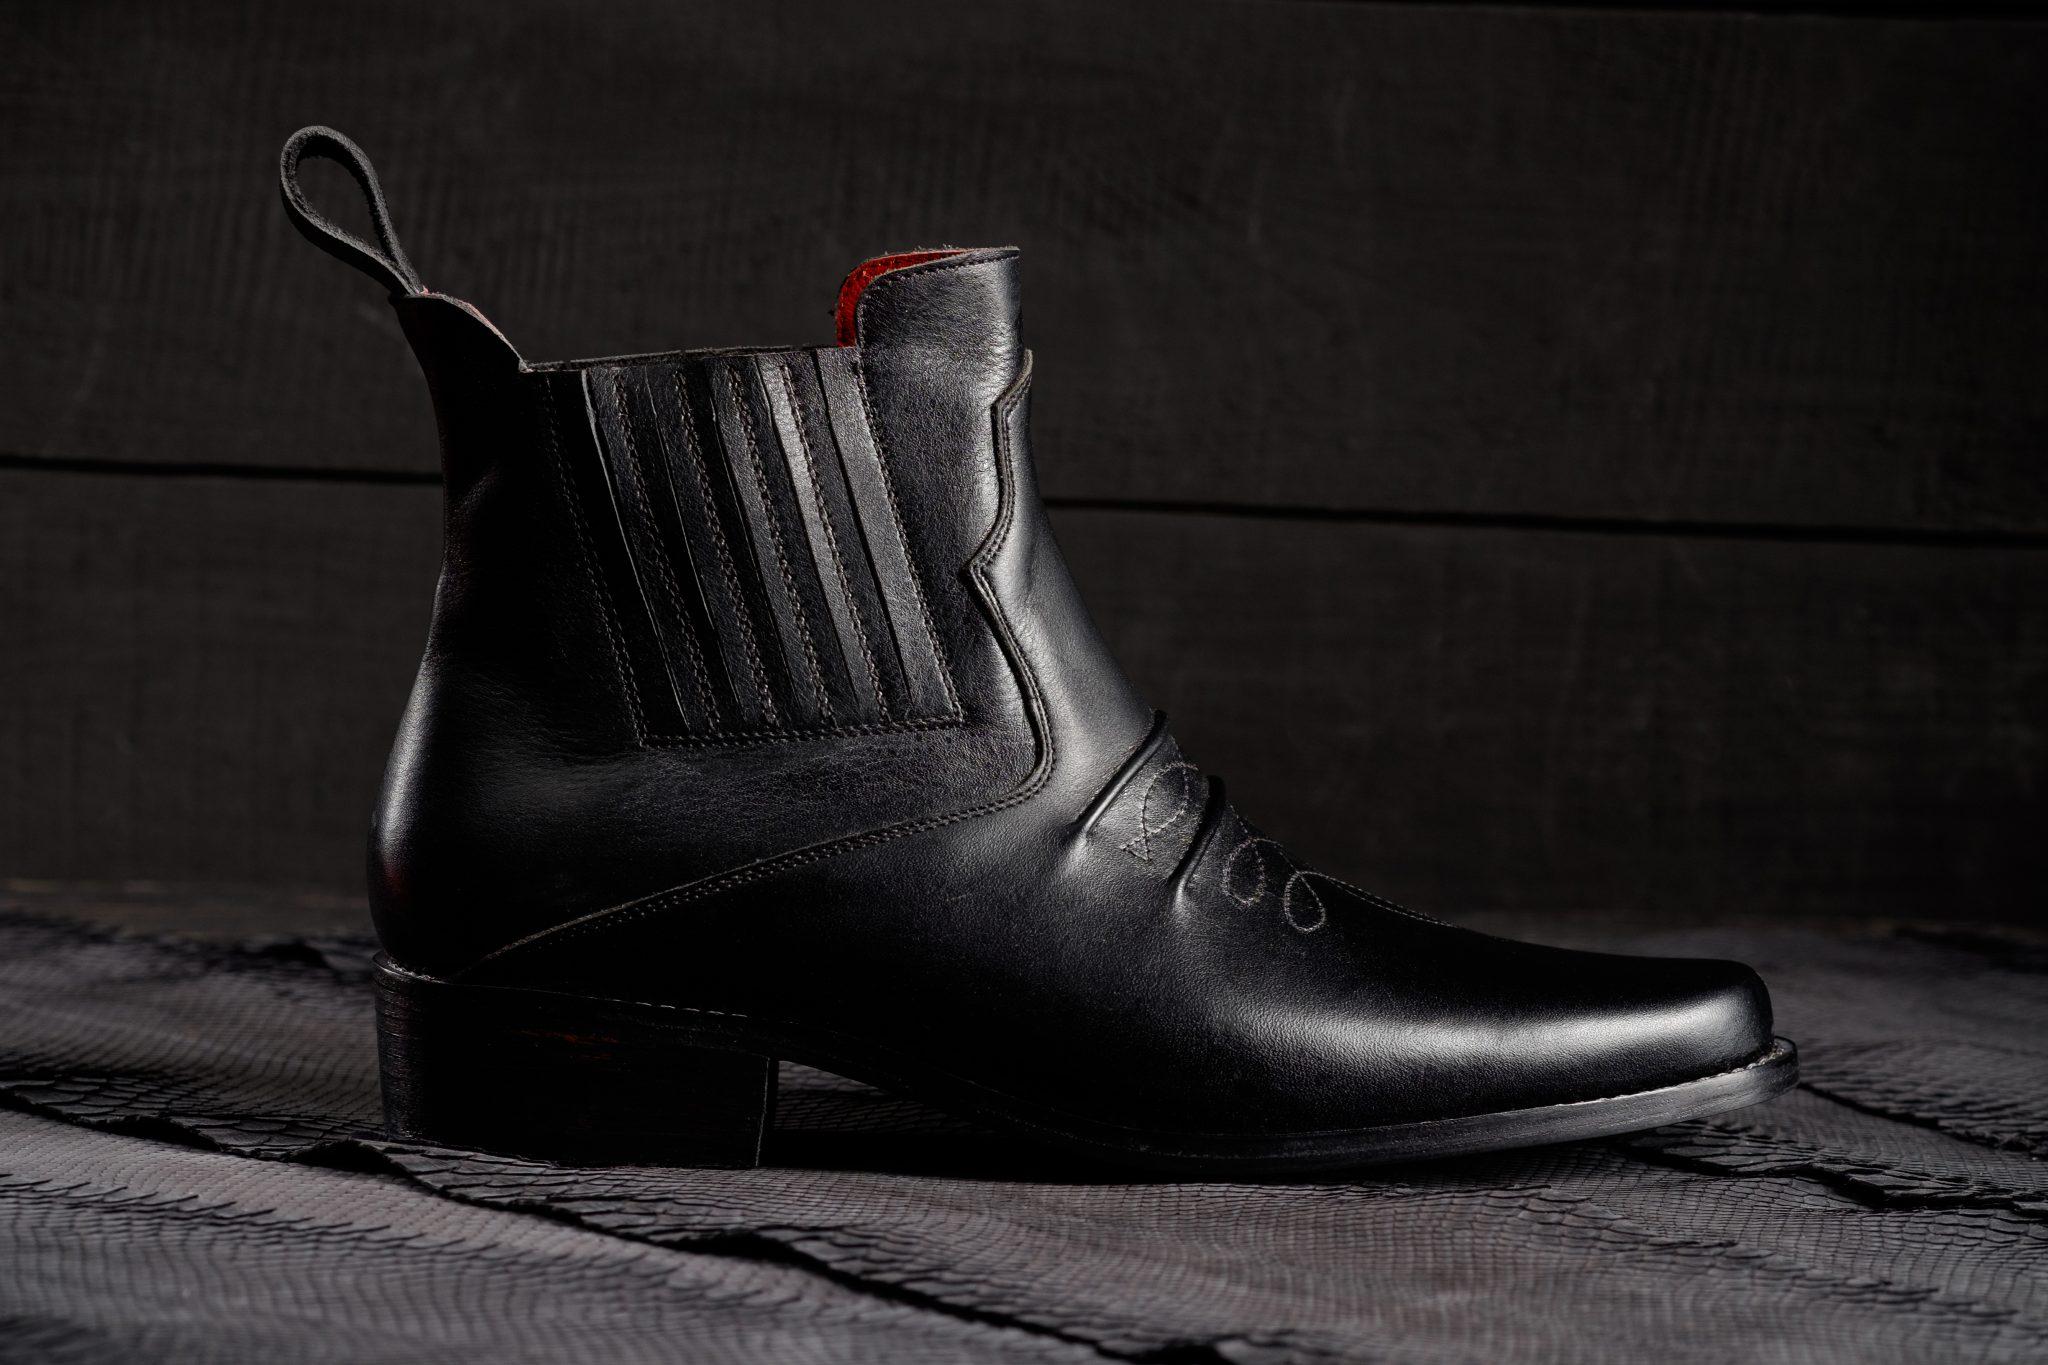 Портфолио по предметной съемке, обувь ручной работы